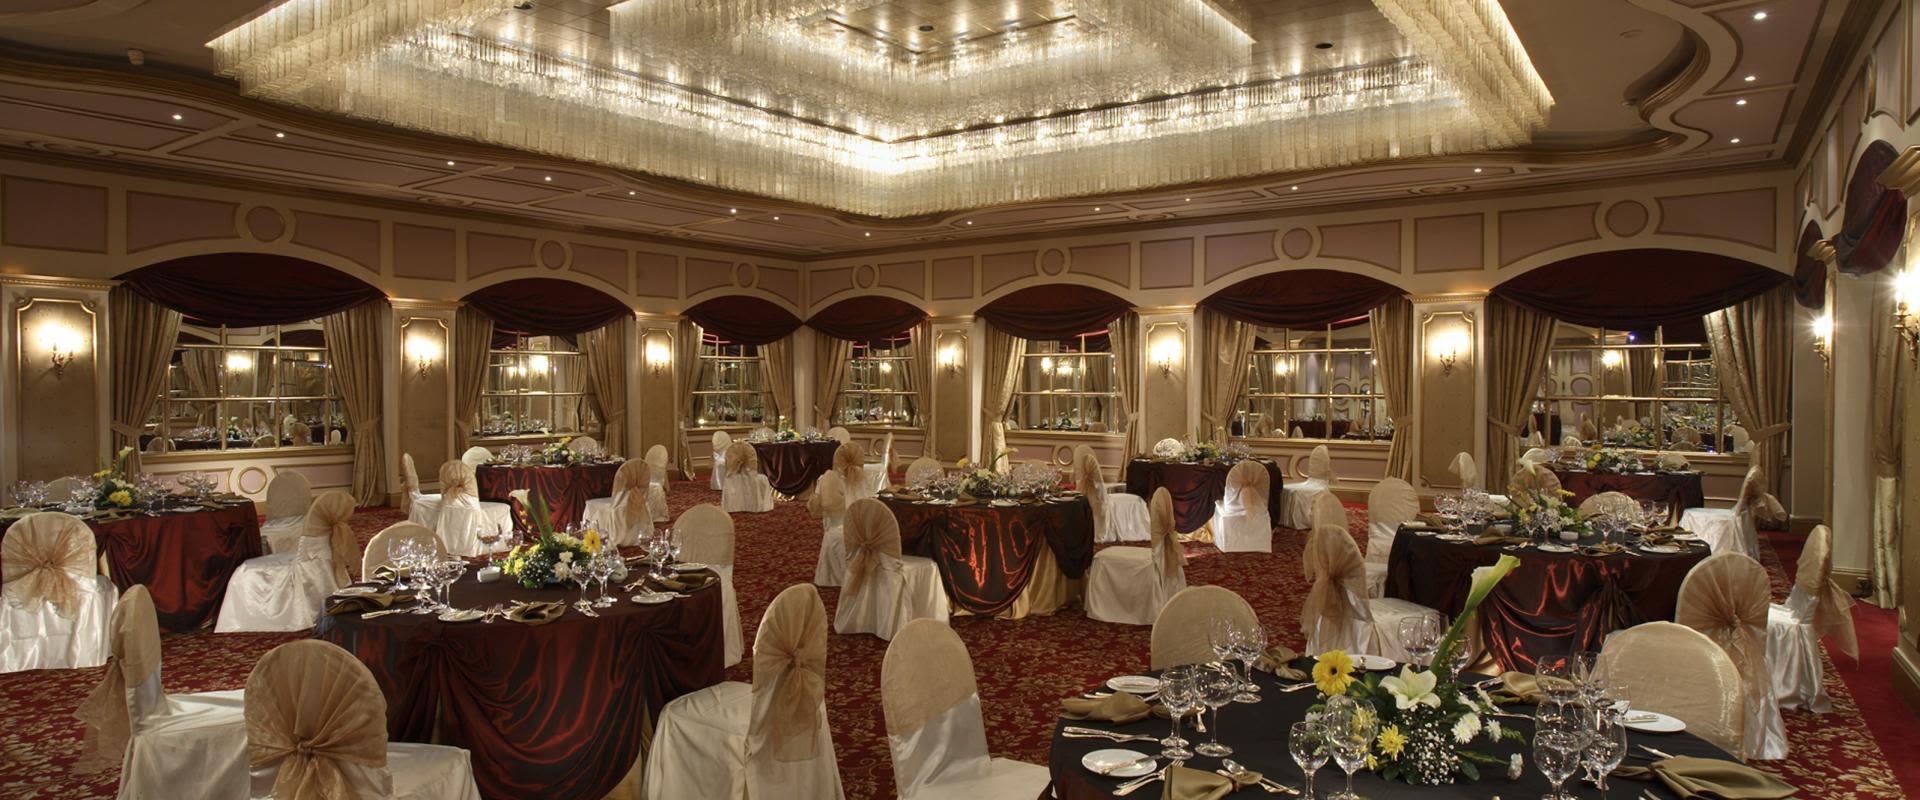 Ballroom - Prince